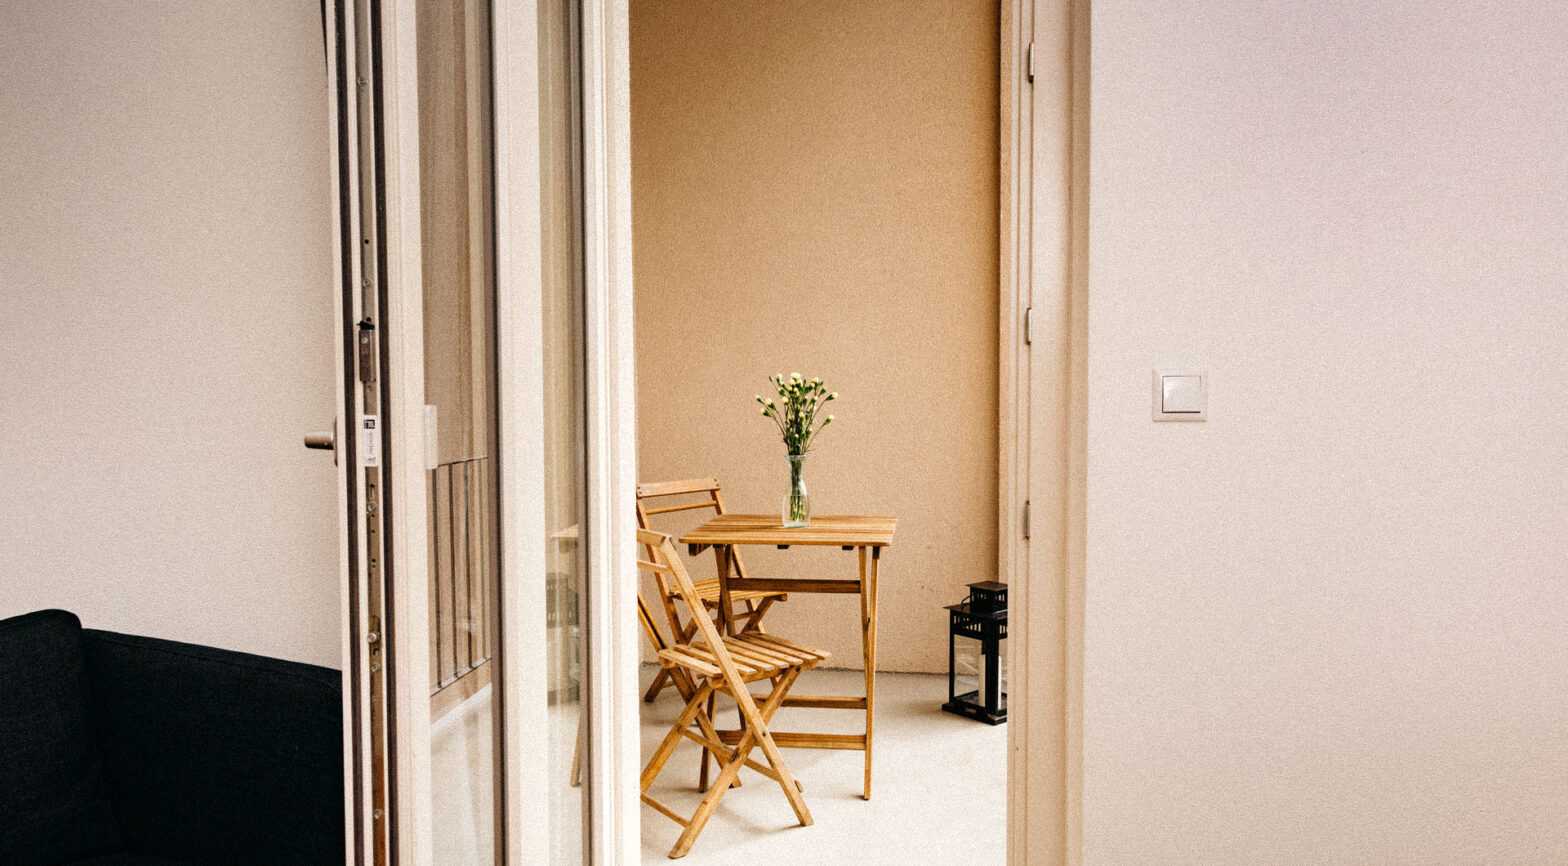 Blick durch eine helle Tür auf eine strahlende Küche mit gemütlichen Tisch und Stühlen aus Holz